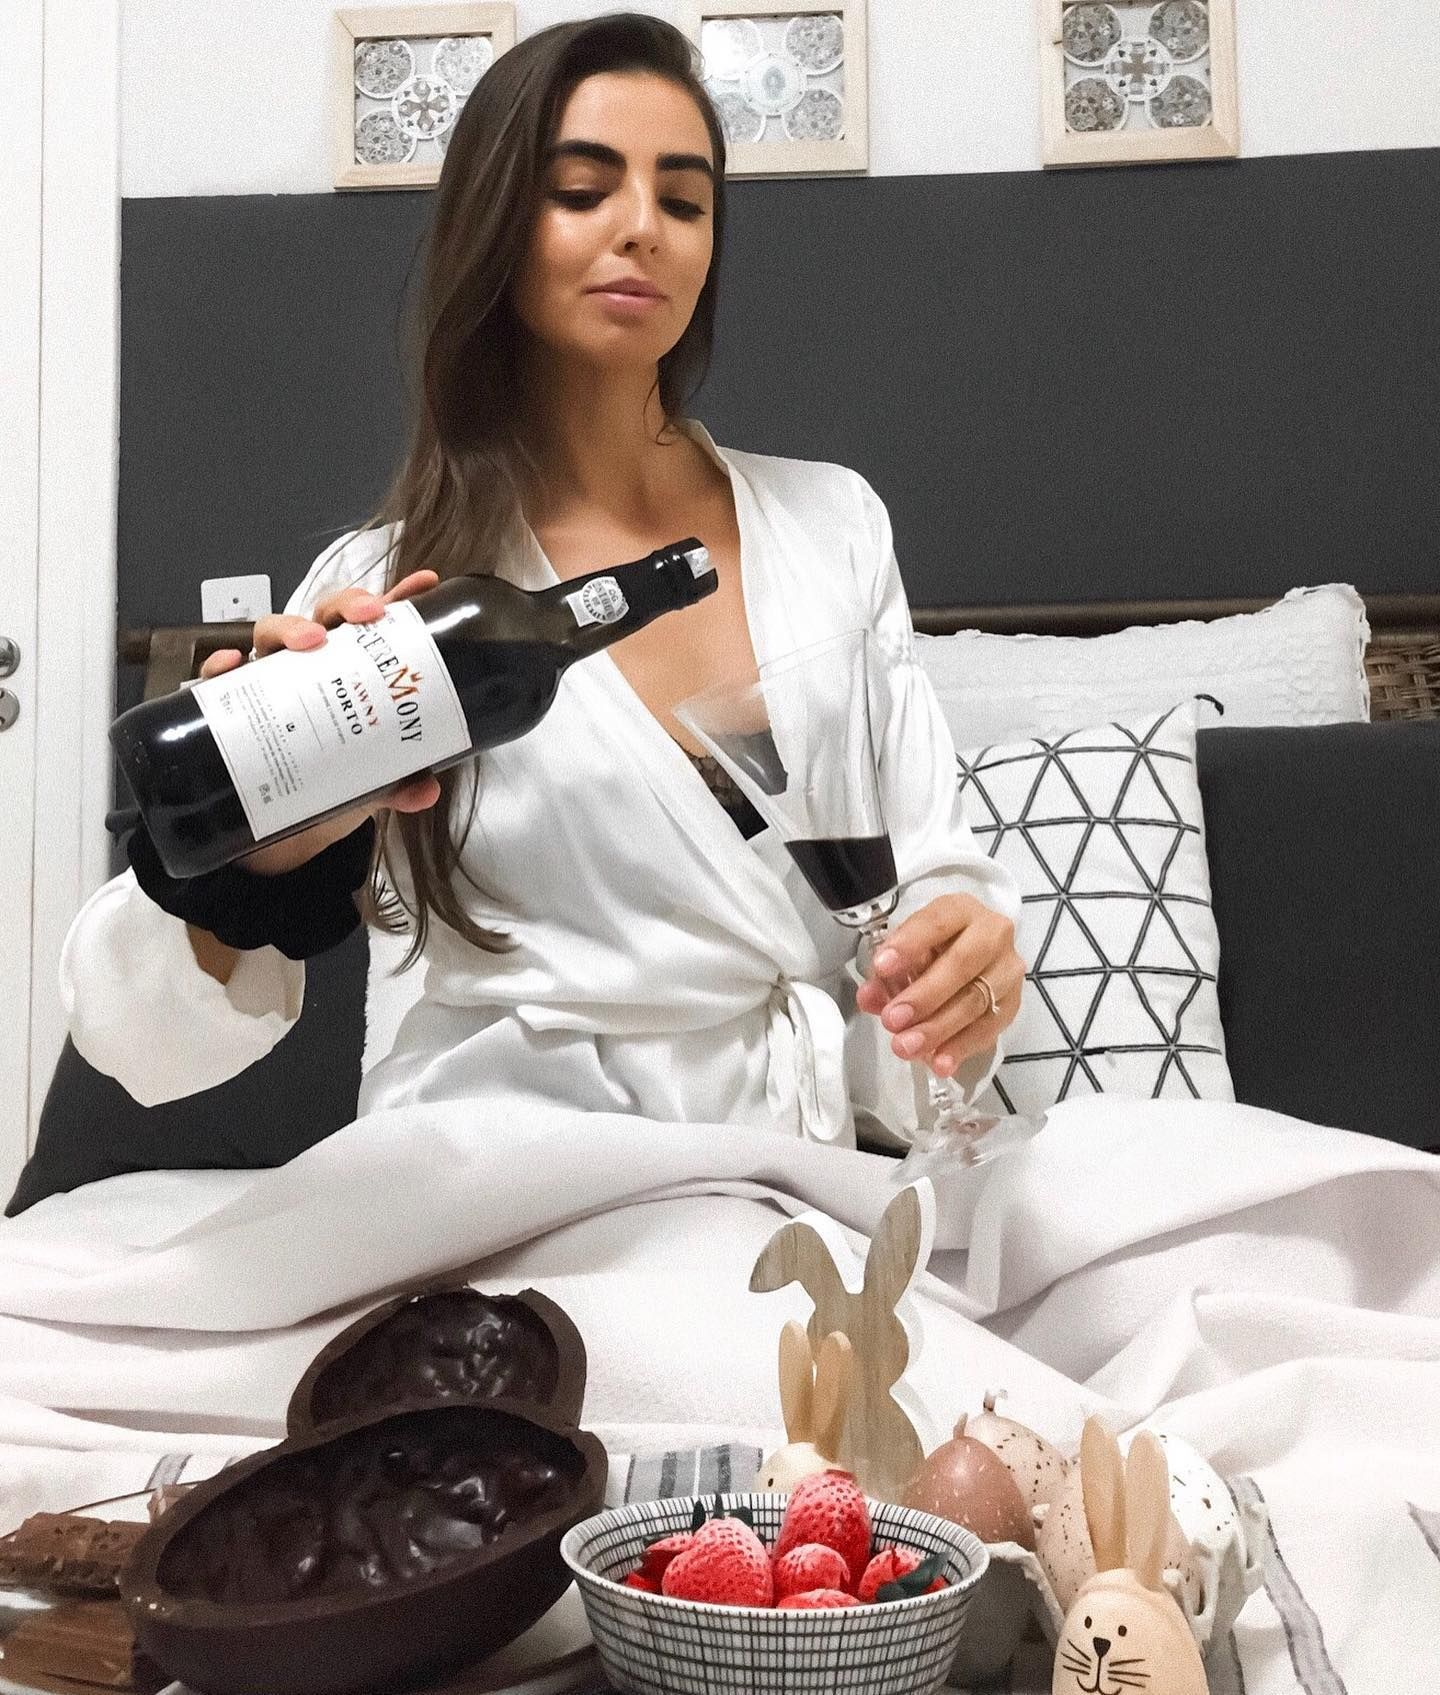 Não sei se você já conhece o Vinho do Porto, mas ele é uma ótima opção durante a Páscoa.  #wineaesthetic#winephotography#winequotes#WINEbar#WINewallpaper#winetatoo#vinhotumblr#vinhoequeijo#winetumblr#enoentretenimento#vinhoechocolate#sommelier#vinho#vinhodoporto#chocolate#vinhos#floripa#florianopolis#wine#felizpascoa#enologia#enogastronomia#dicadevinho#dicadevinhos#enoentretenimento#wineinfluencer#vinhorose#espumante#vinhotinto#porto#amovinho#portwine#sommeliere